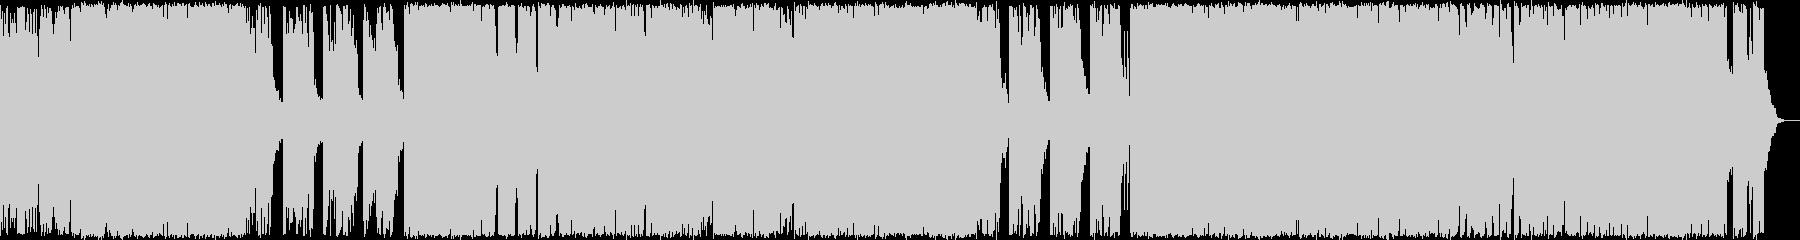 ジャックオーランタン ポップにホラー調の未再生の波形